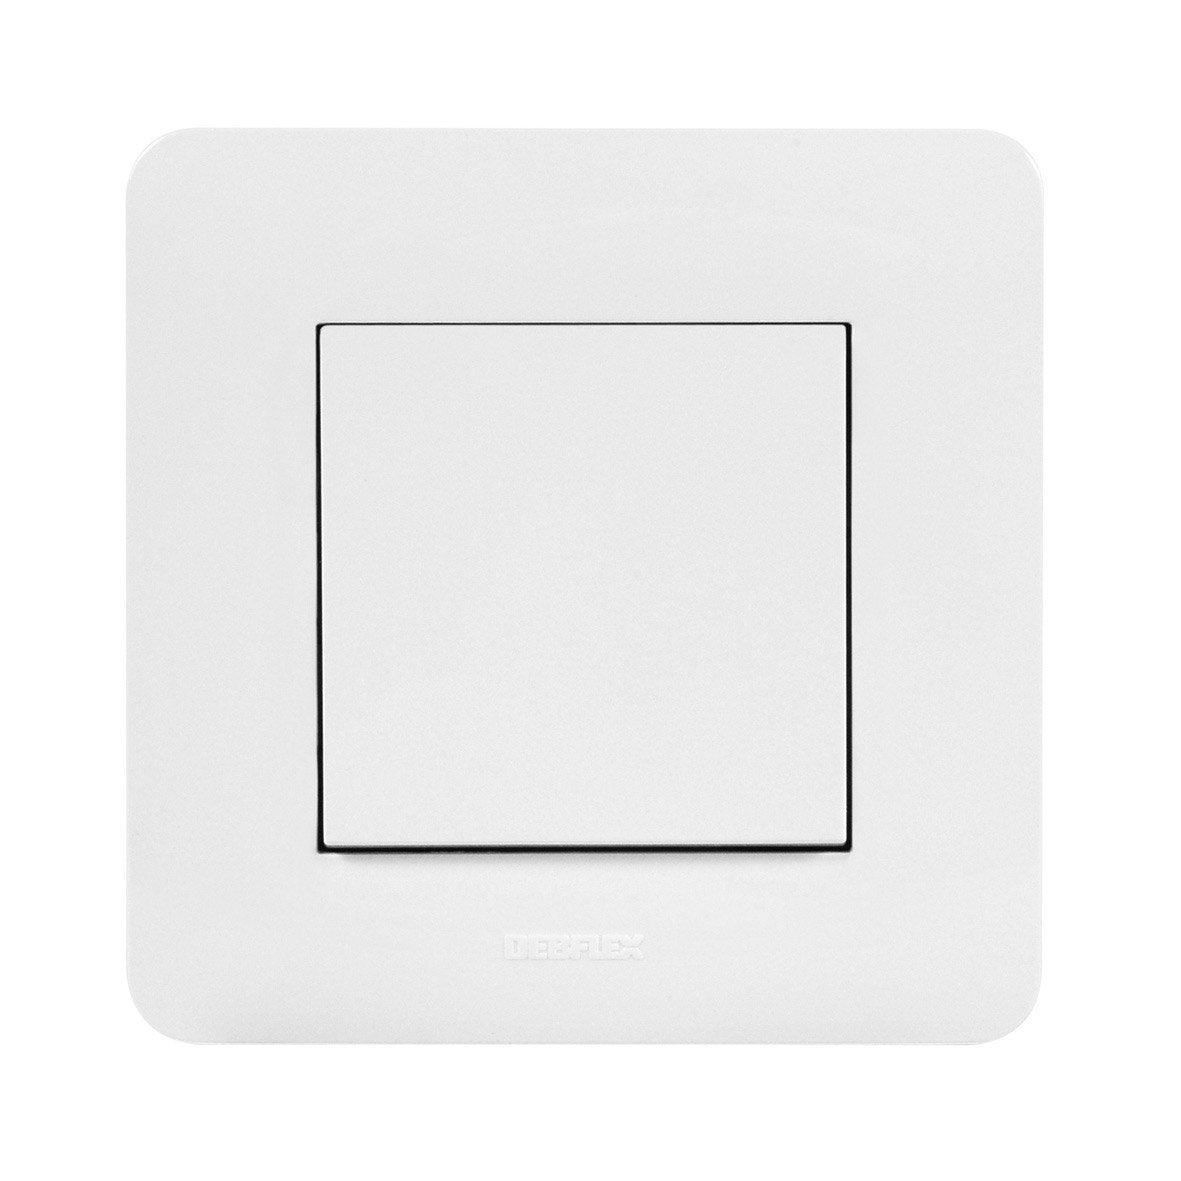 interrupteur connect blanc 1 bouton sans pile sans fil enocean debflex leroy merlin. Black Bedroom Furniture Sets. Home Design Ideas